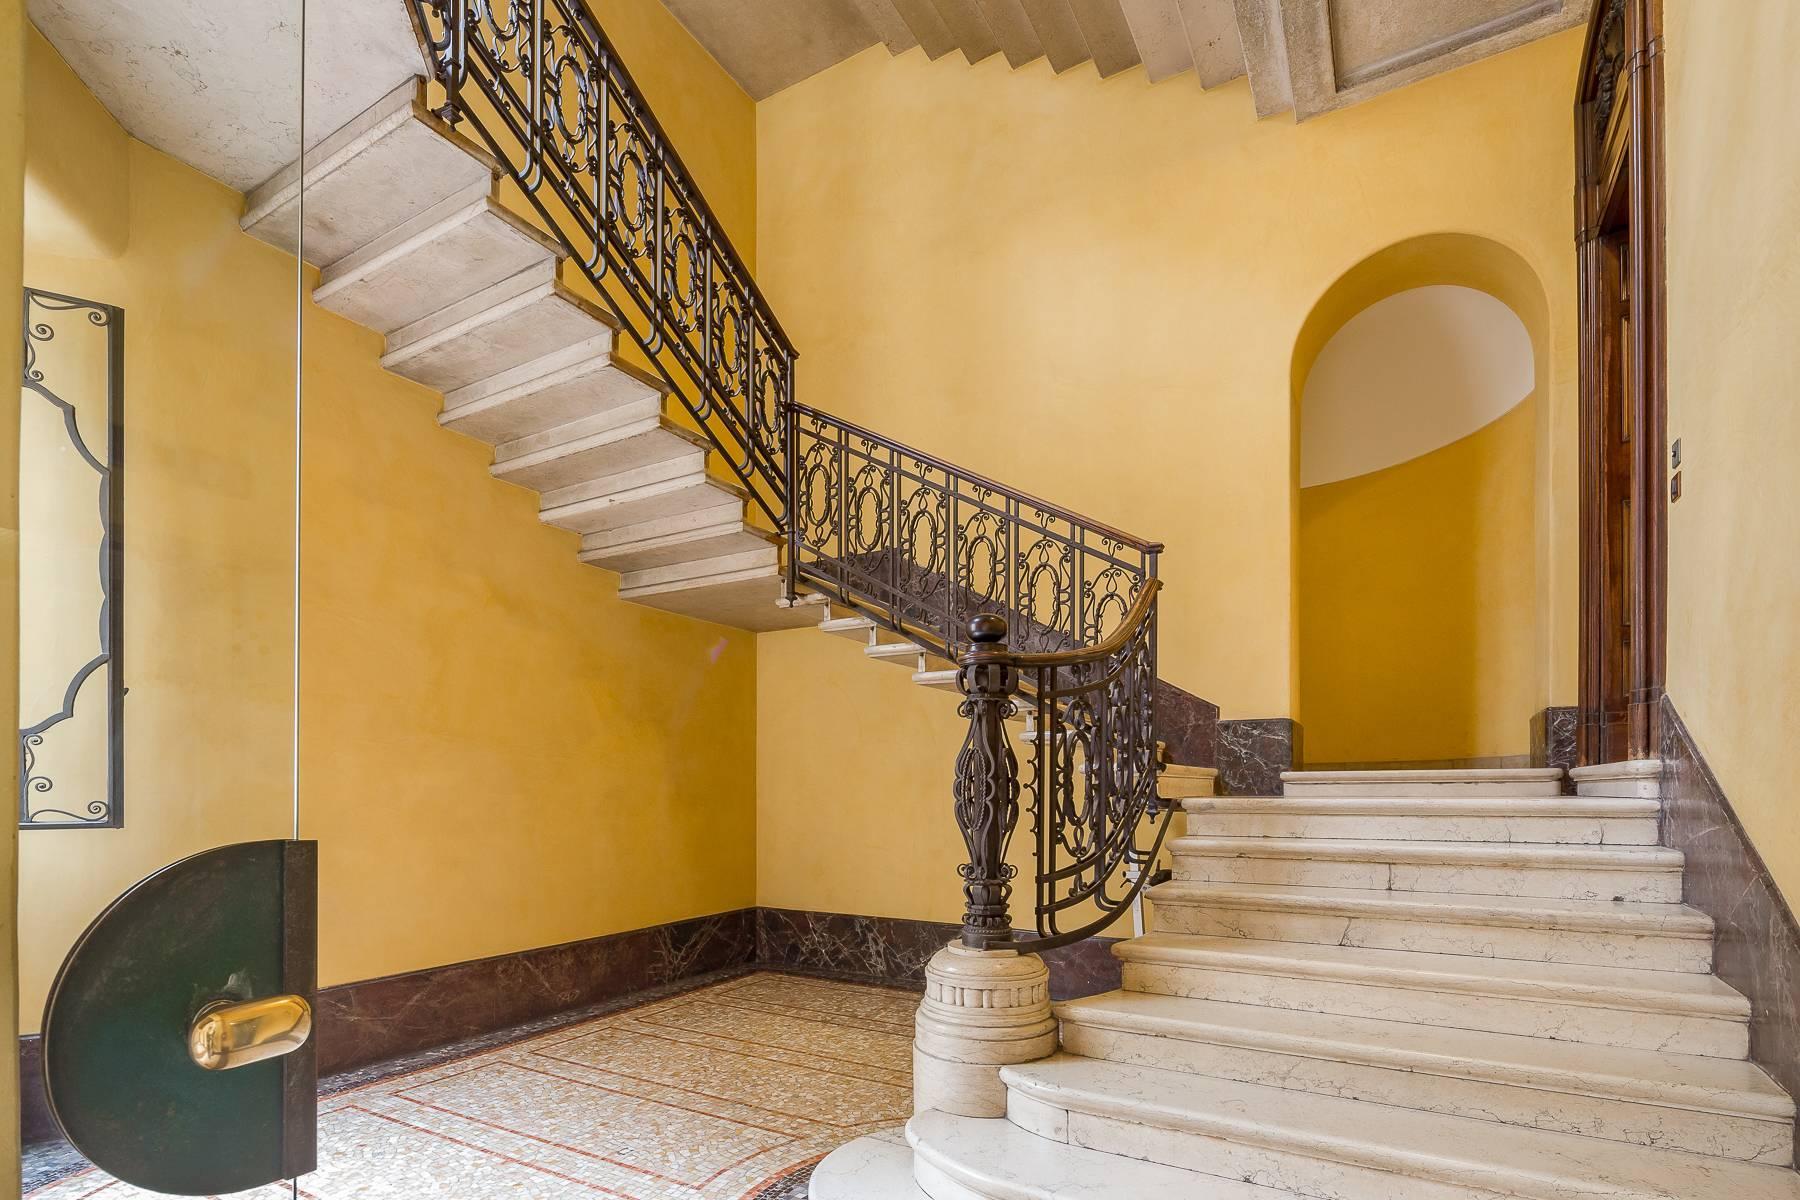 Renovierte Wohnung im eleganten antiken Gebäude - 18